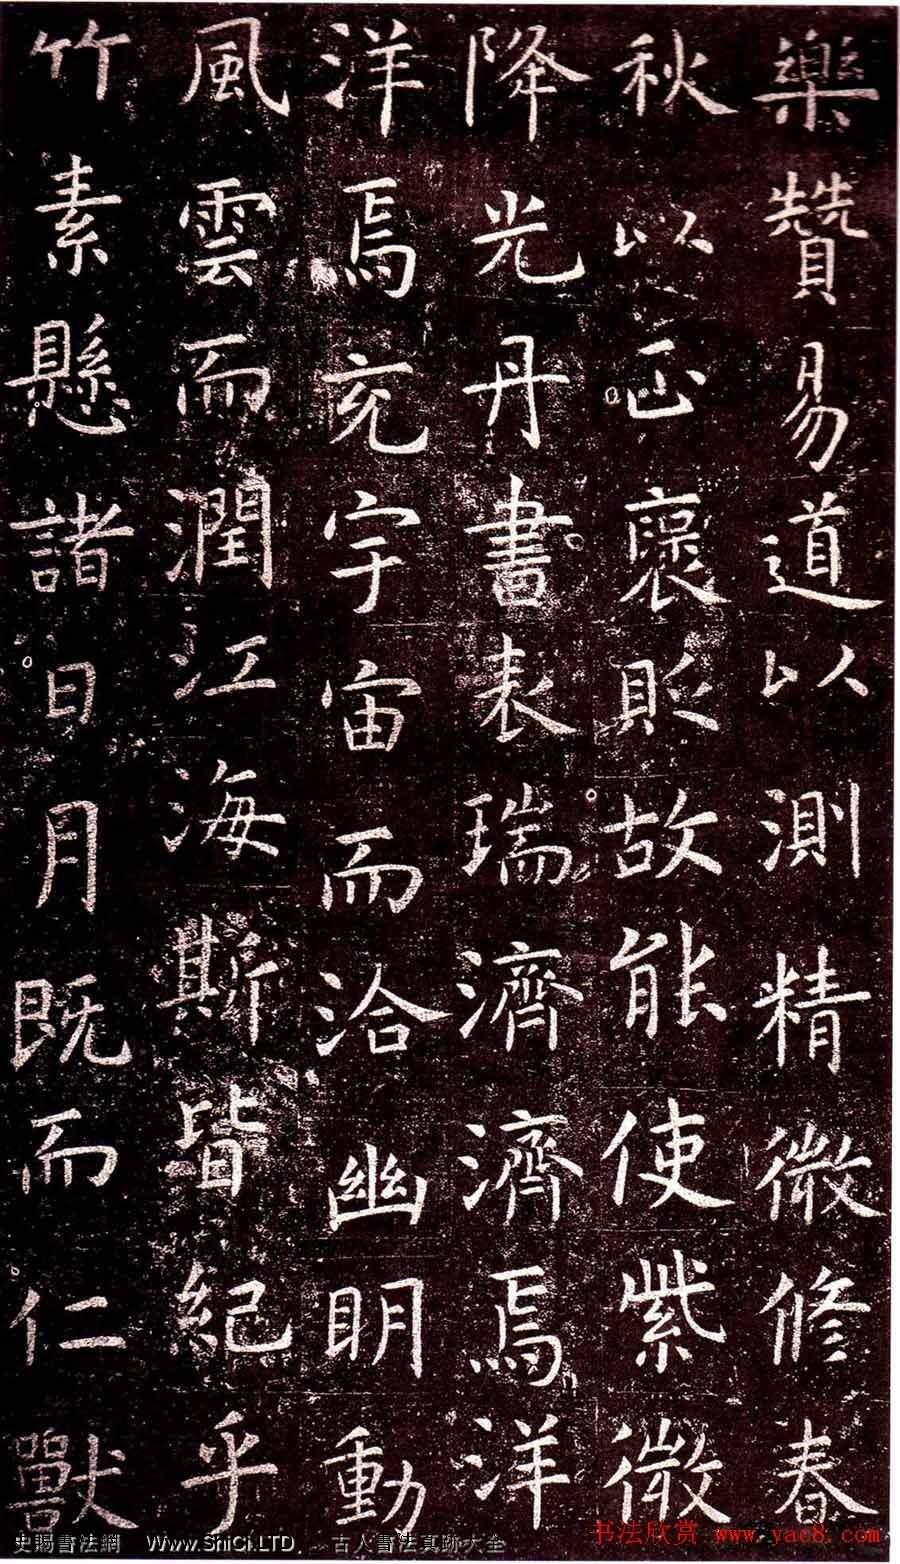 虞世南楷書欣賞《孔子廟堂碑》